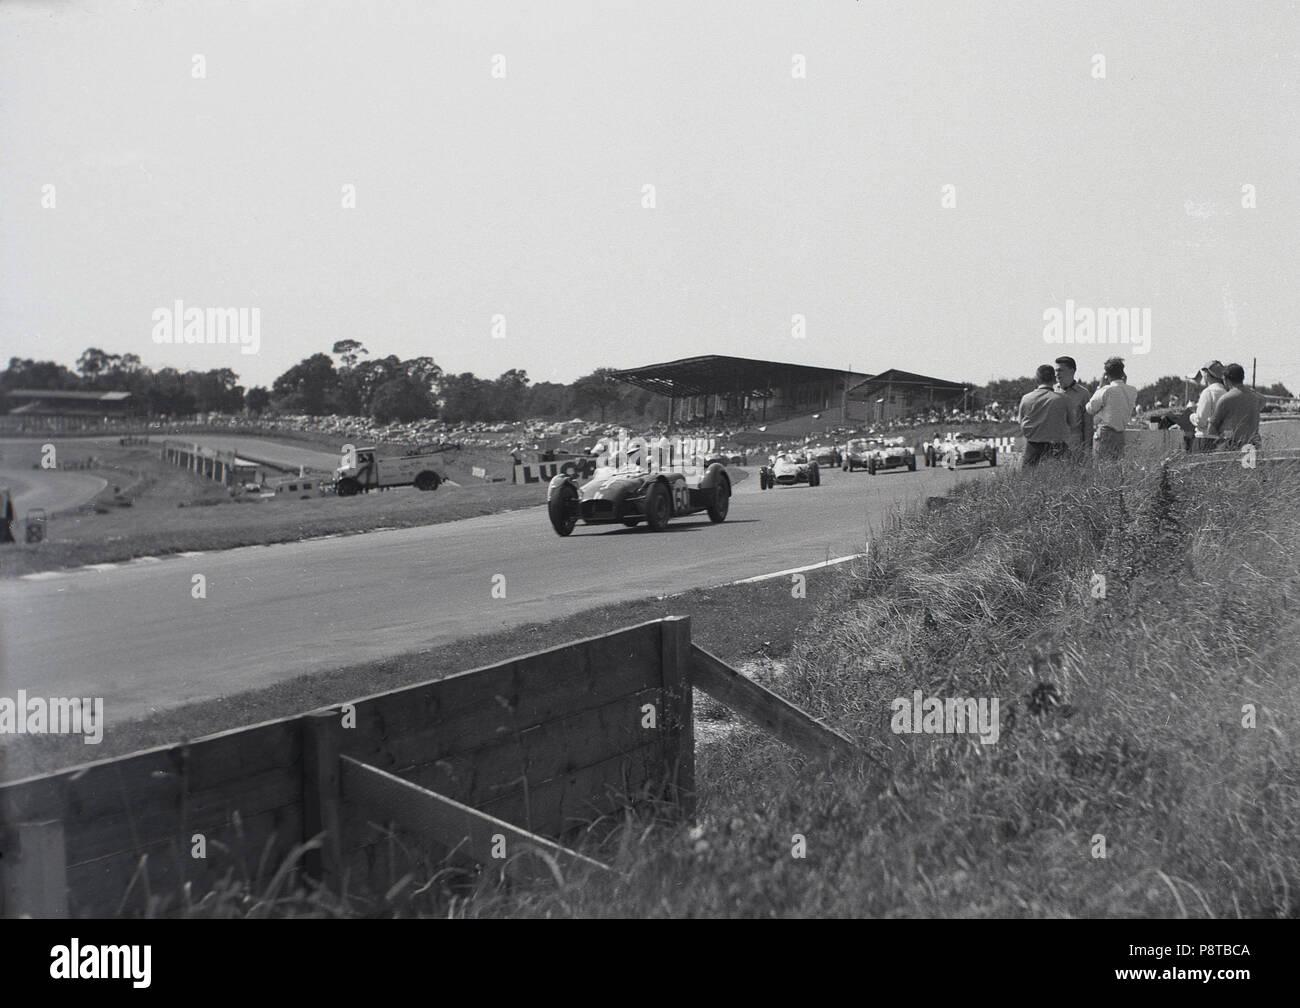 Degli anni Cinquanta, motor racing, monoposto di aprire ruote racing cars competere al di fuori su una pista con spettatori vicina all'azione, Inghilterra, Regno Unito. Immagini Stock